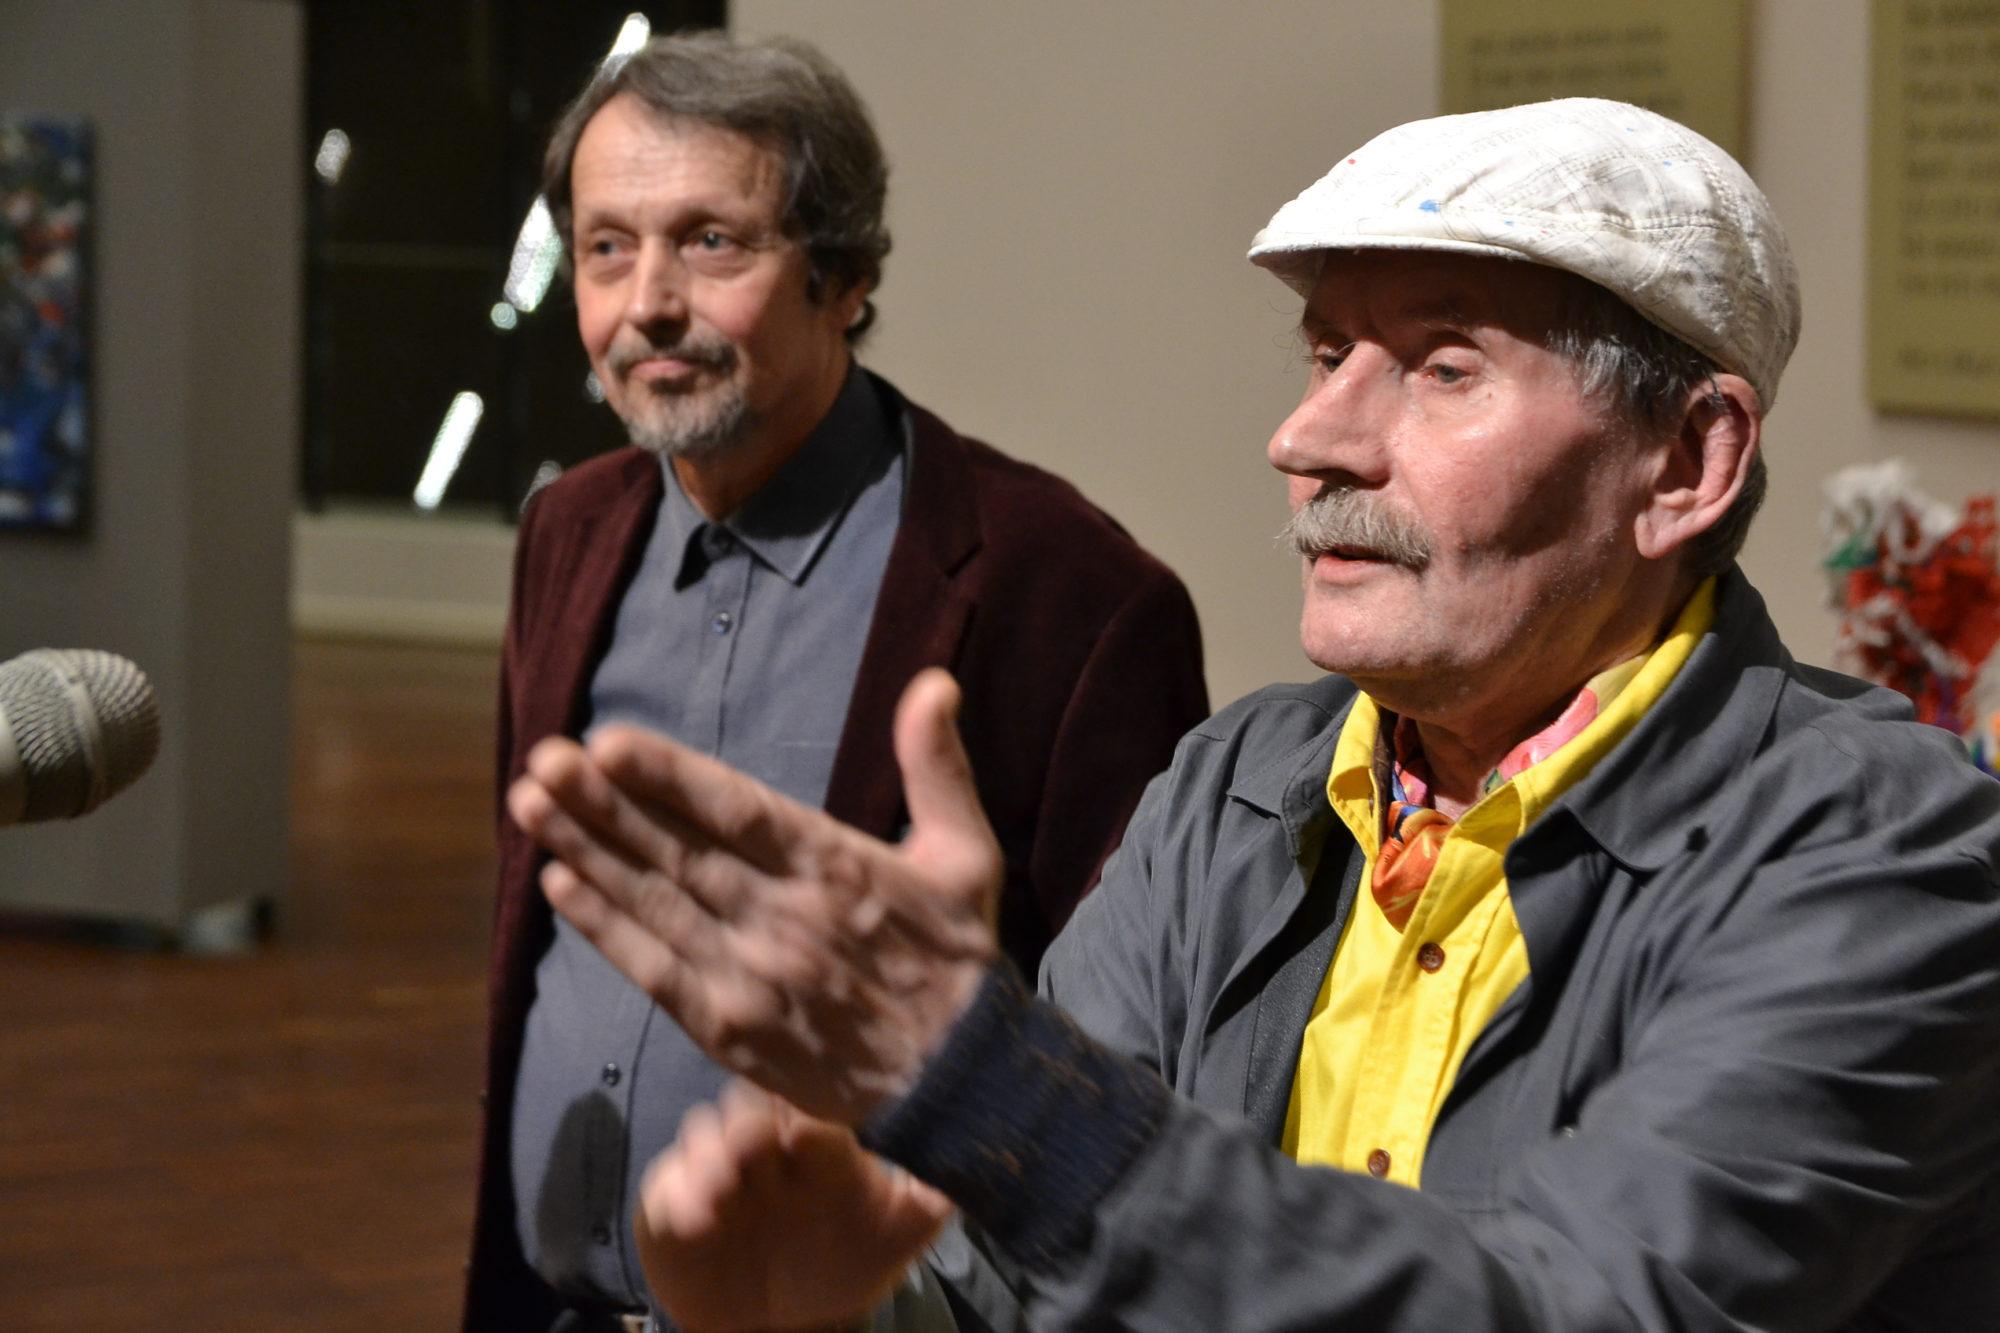 Mākslinieks Pēteris Sidars absolūtā plūsmā un krāsu viļņos